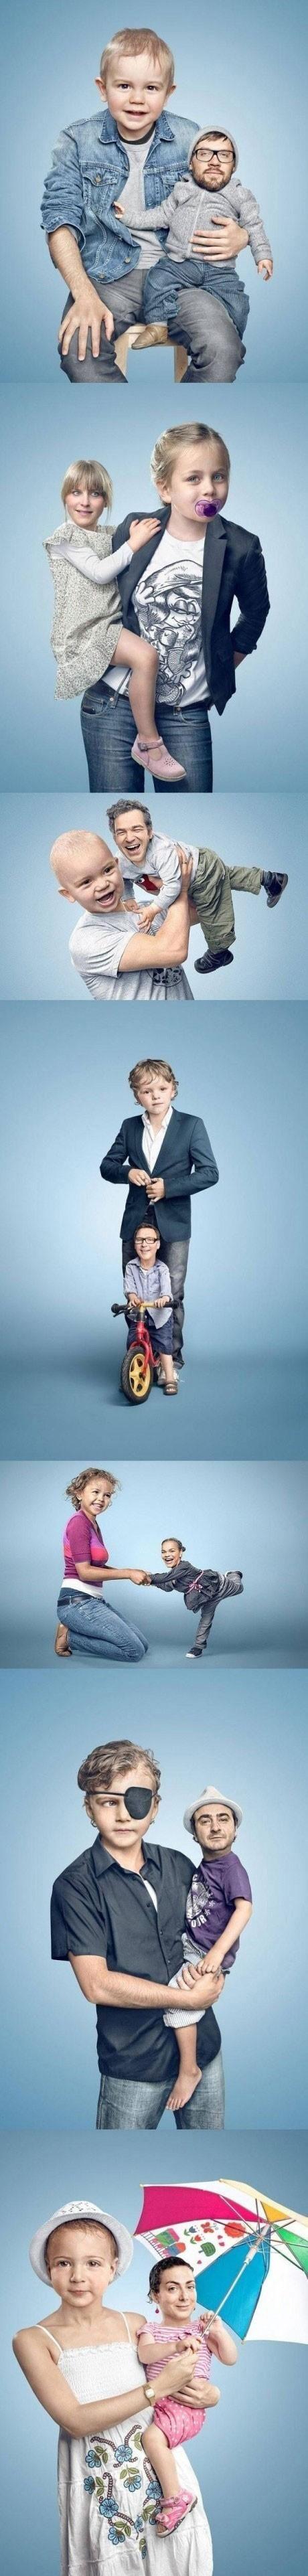 Photoshop: Die Gesichter der Eltern und der Kinder tauschen - Win Bild - Webfail